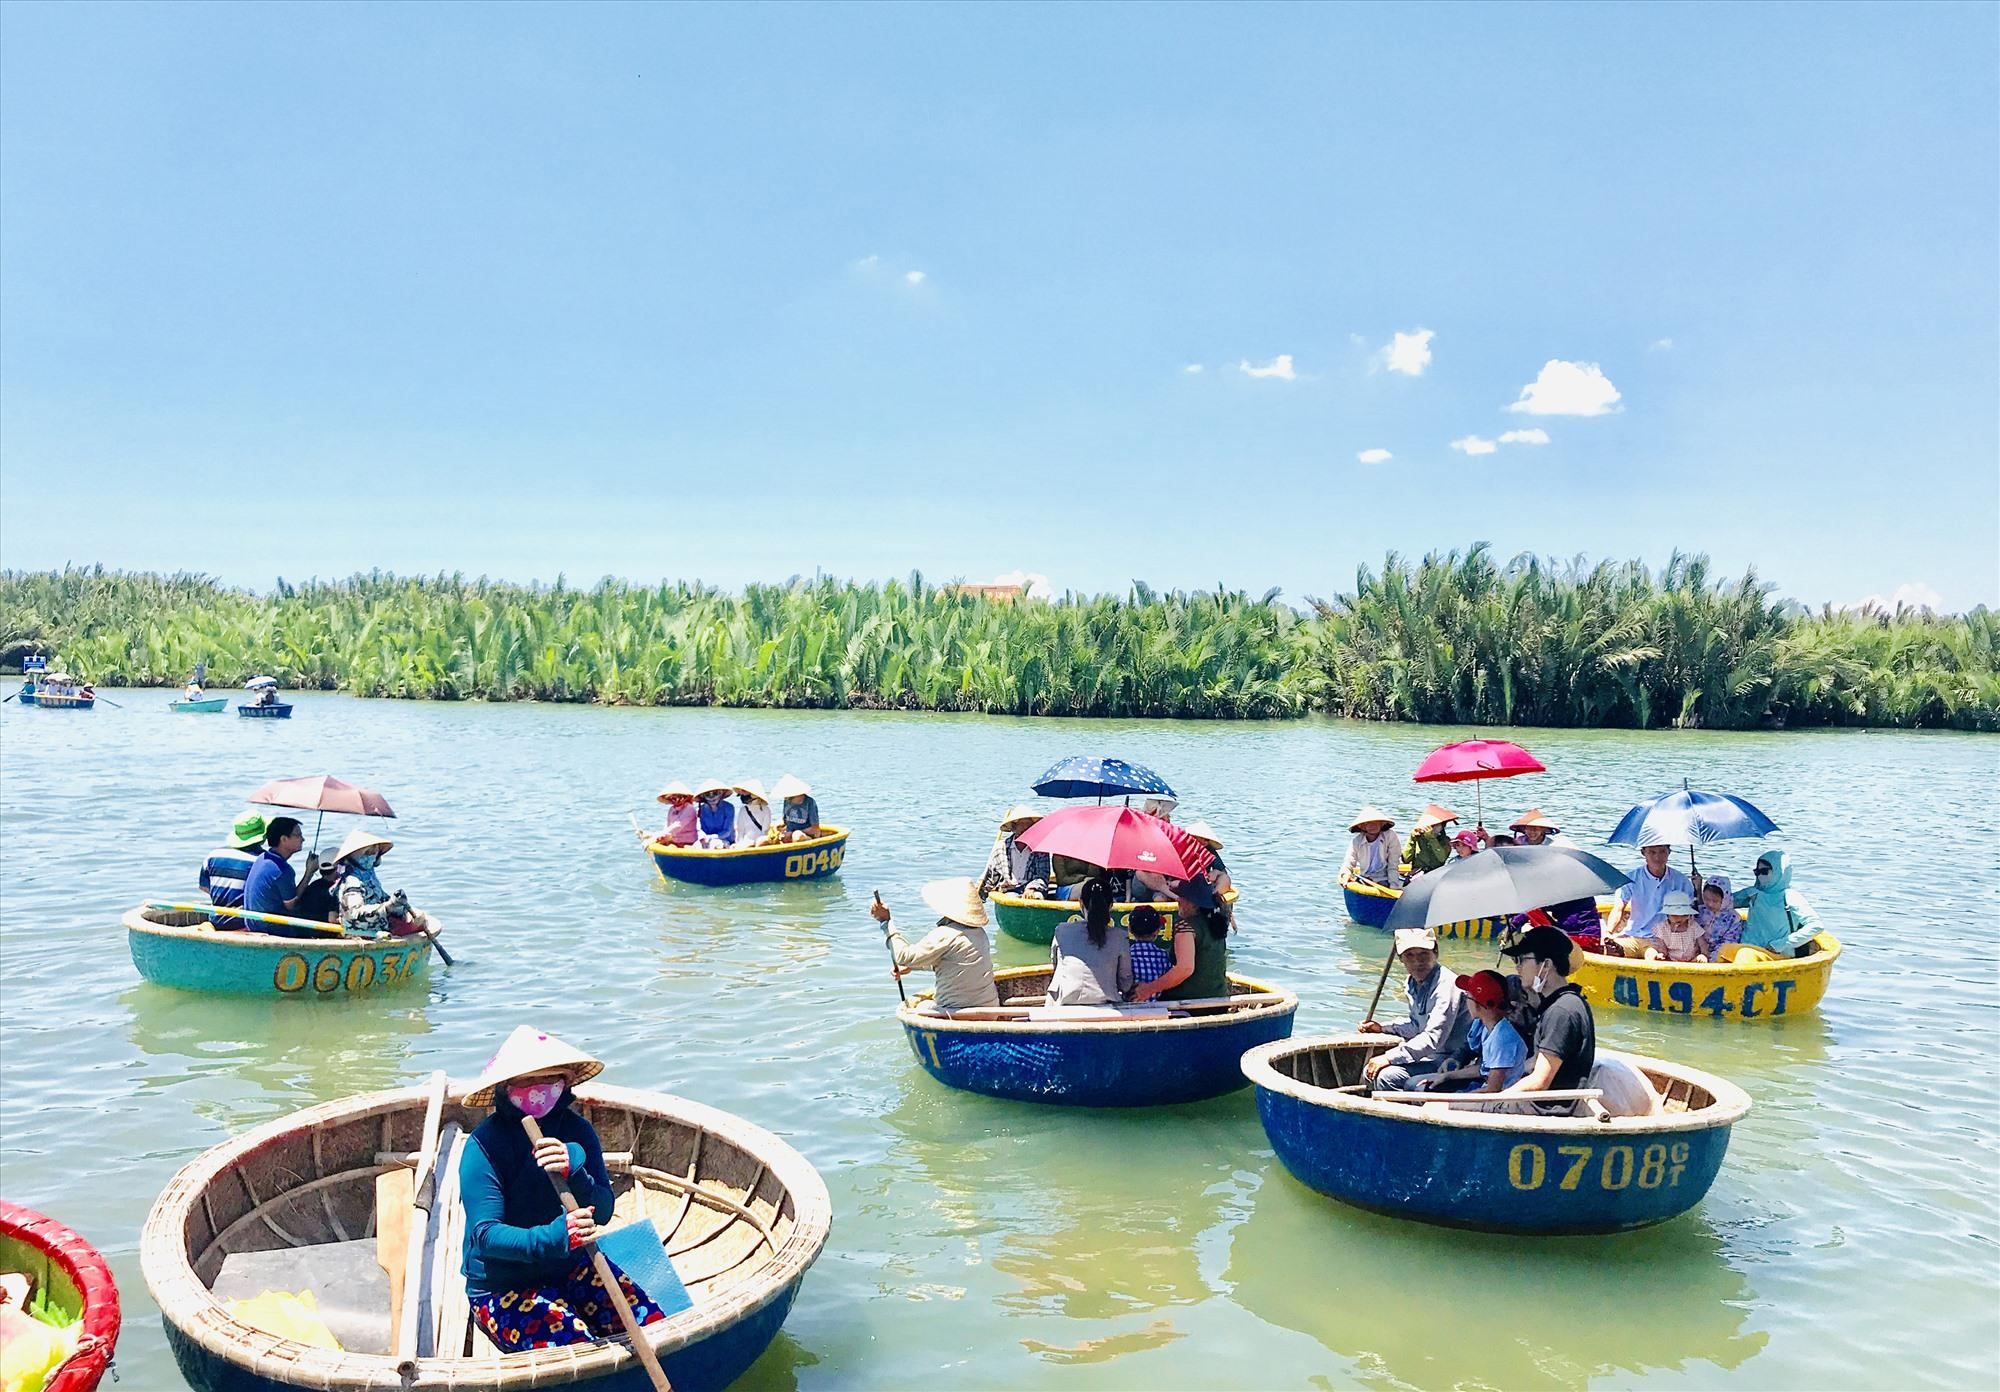 Khách nội địa, khách quốc tế đang sinh sống và làm việc tại Việt Nam đã dần quay lại Hội An. Ảnh: Q.T